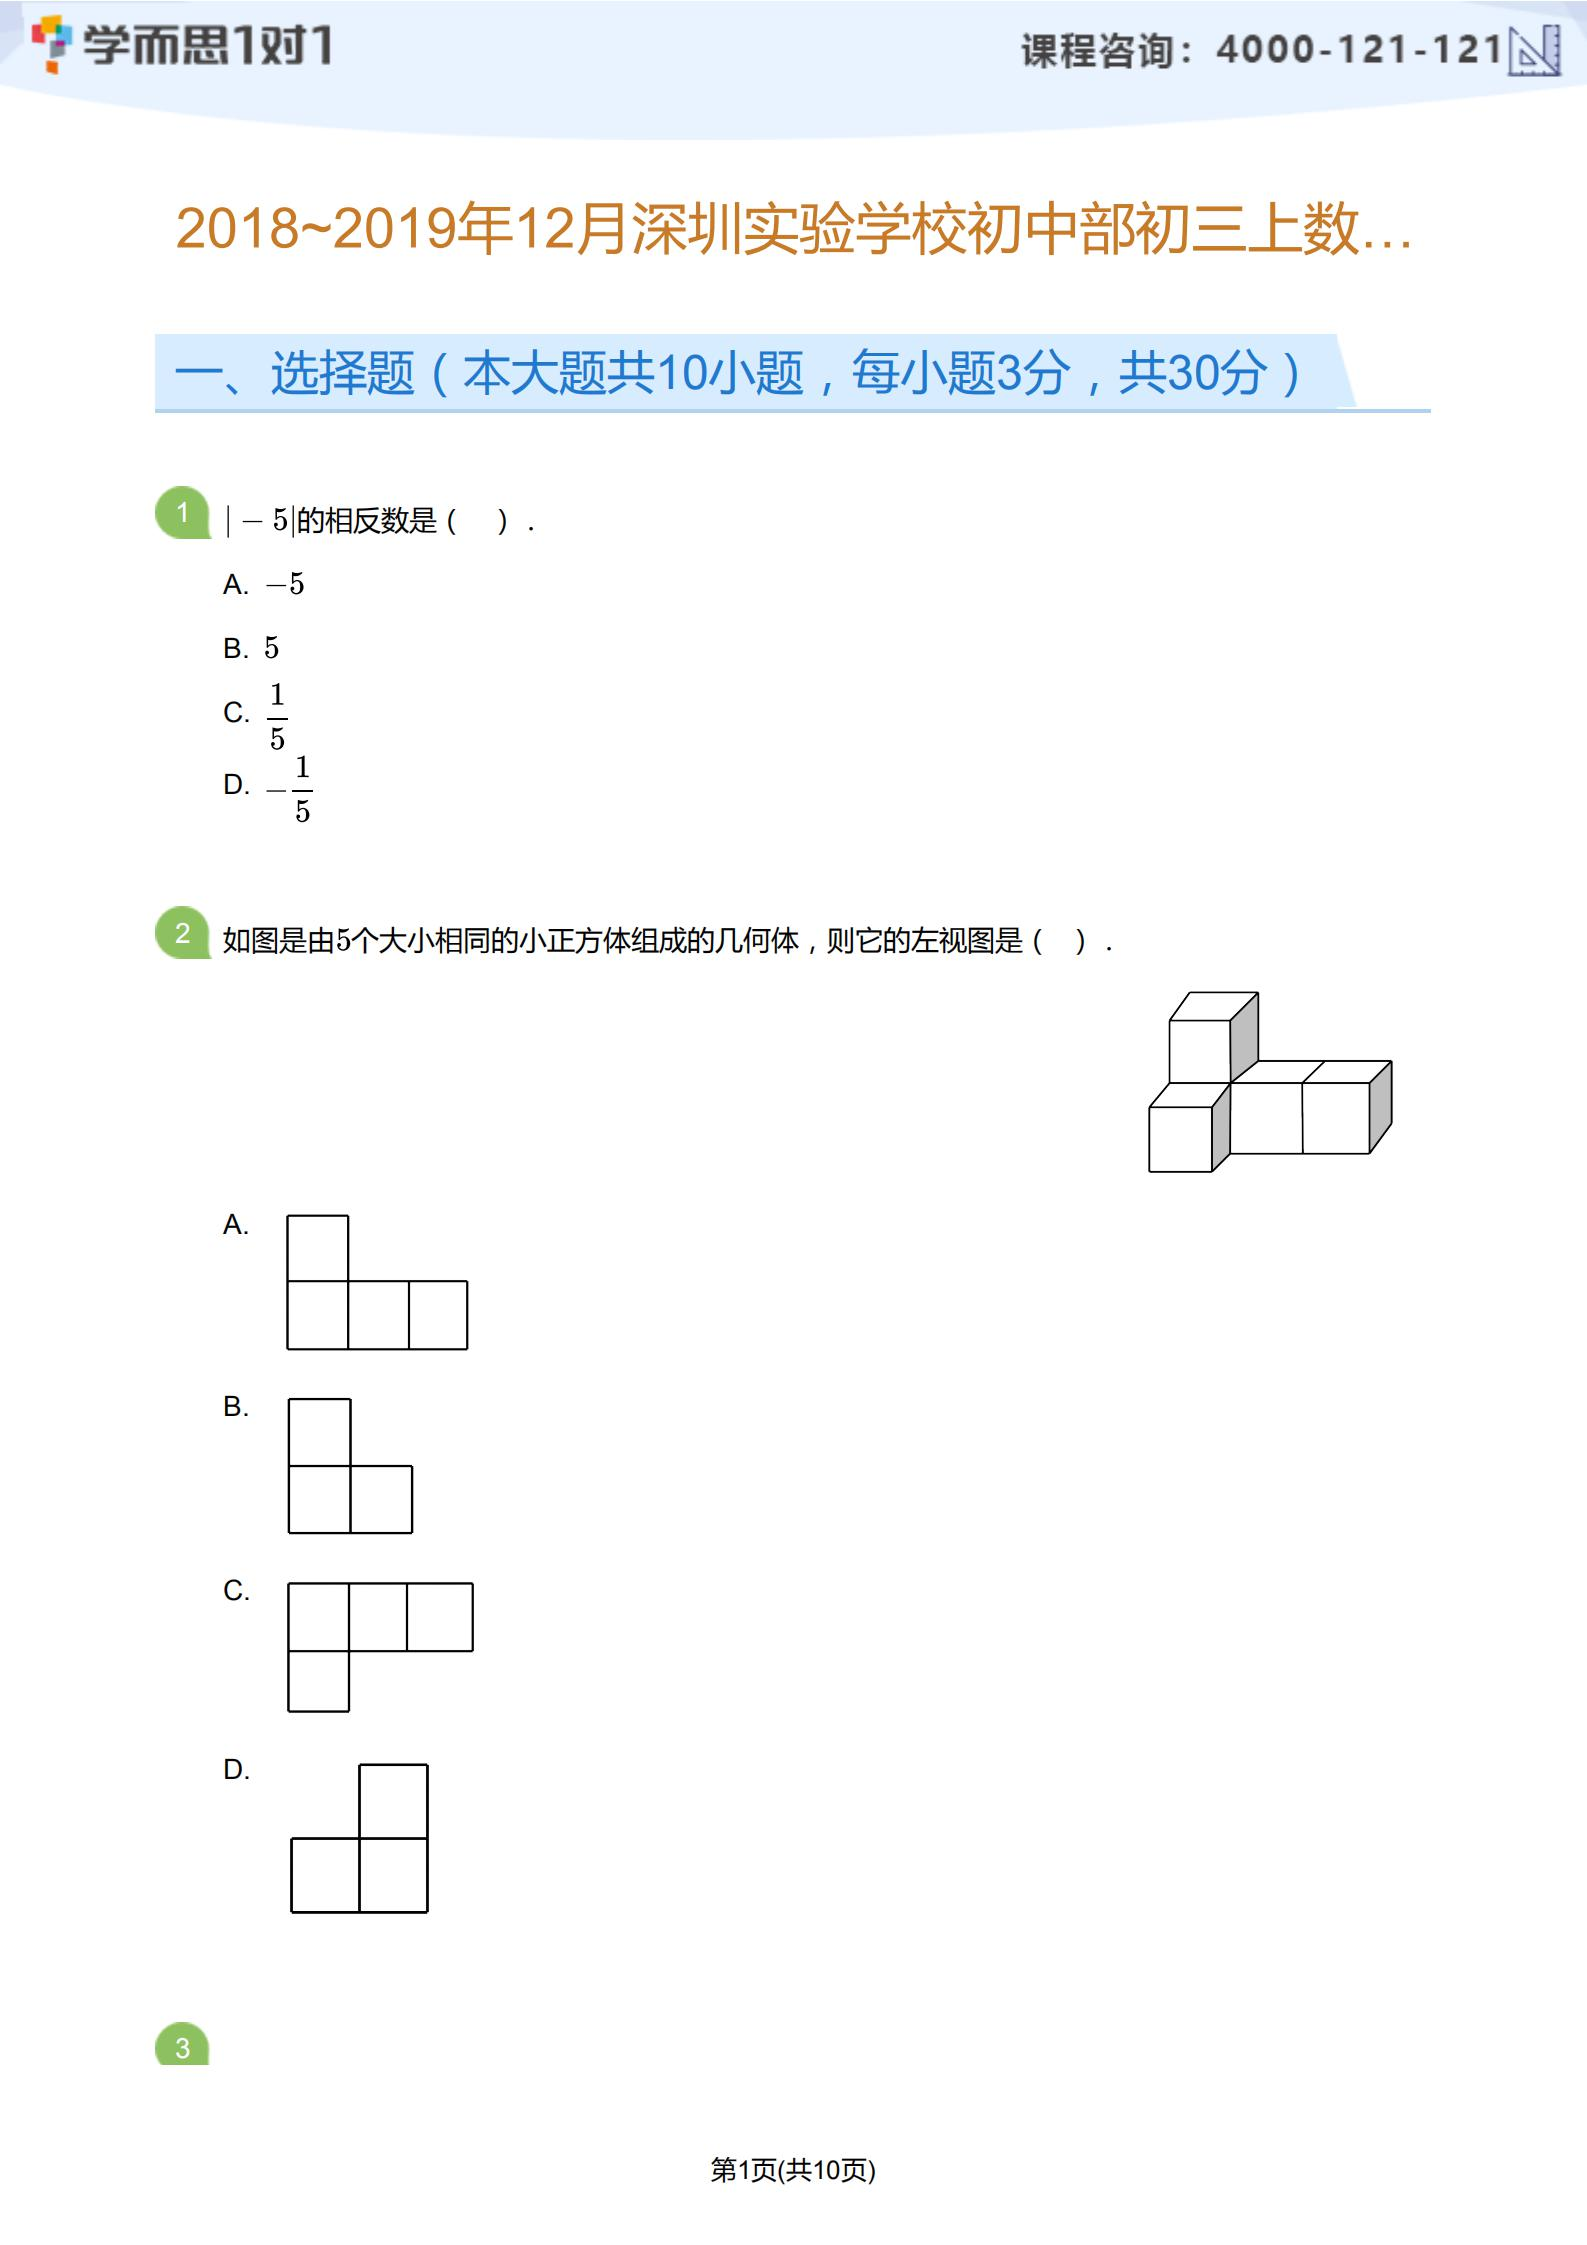 2018-2019学年12月深圳实验学校初三上月考数学试卷及答案